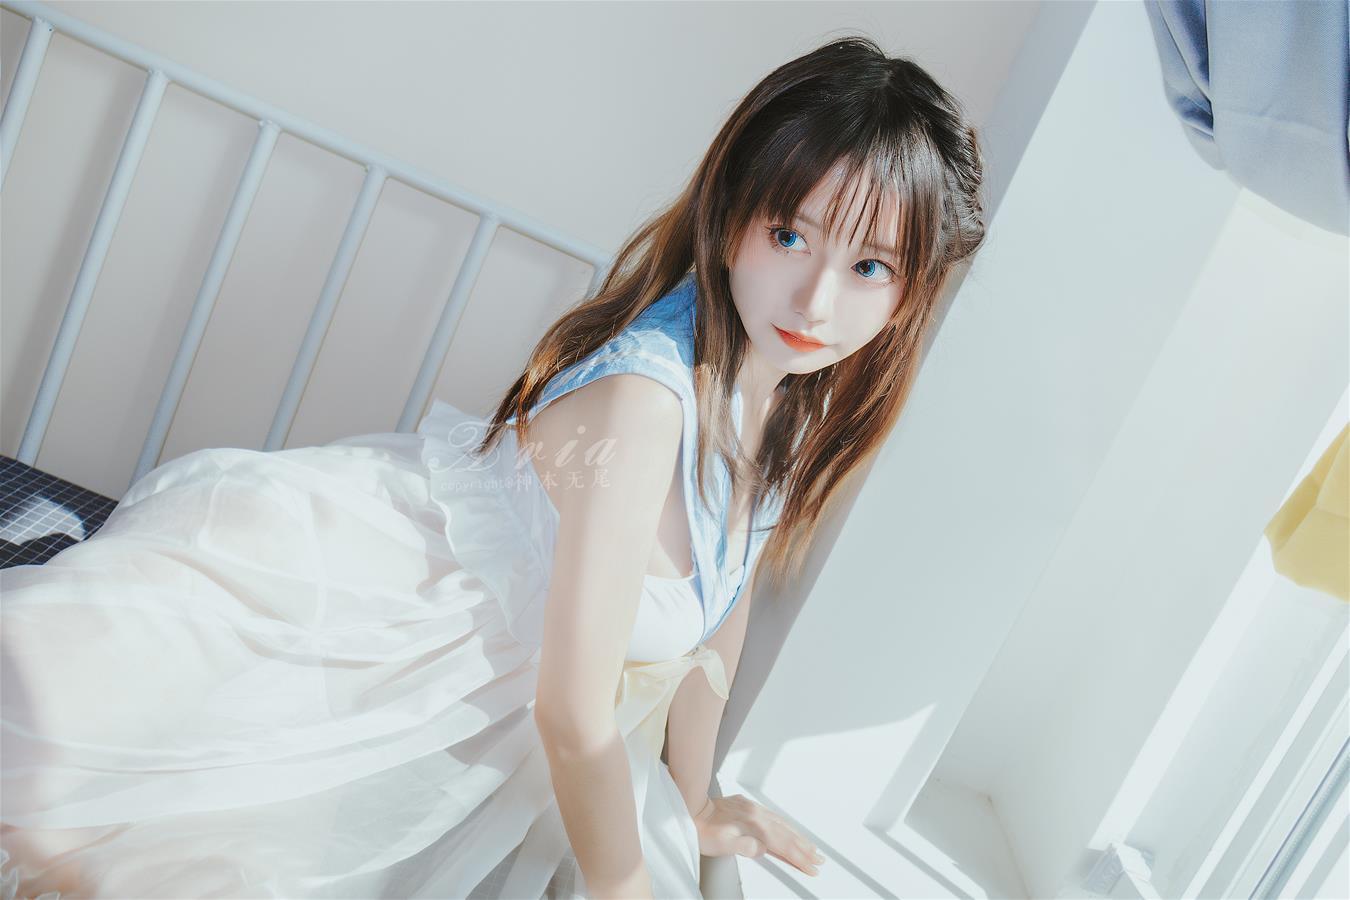 神本无尾 蓝色睡裙 [16P-69MB] 网红少女-第3张